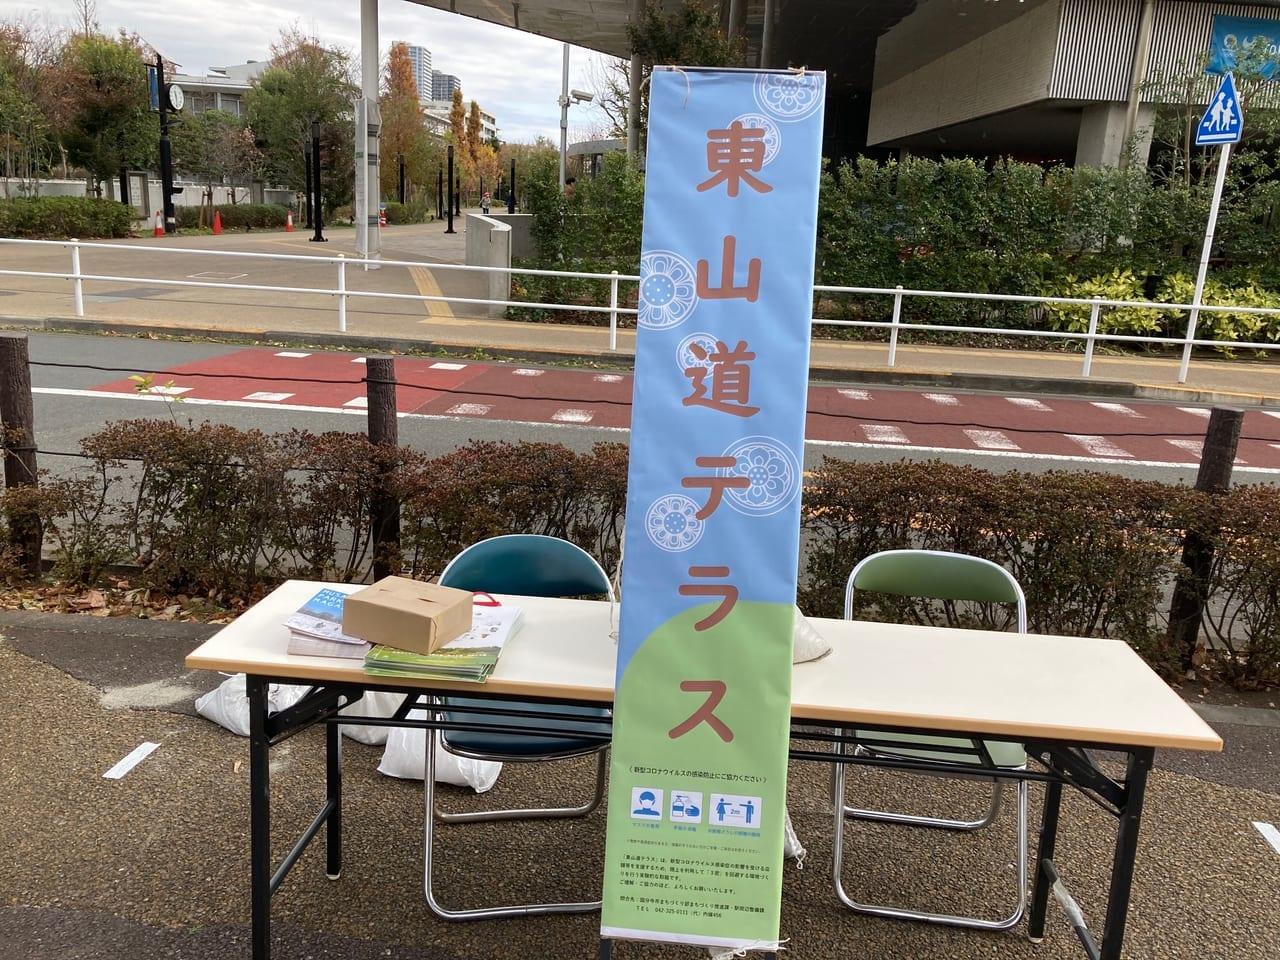 11月28日~29日に開催された『東山道テラス』の様子をレポートします!